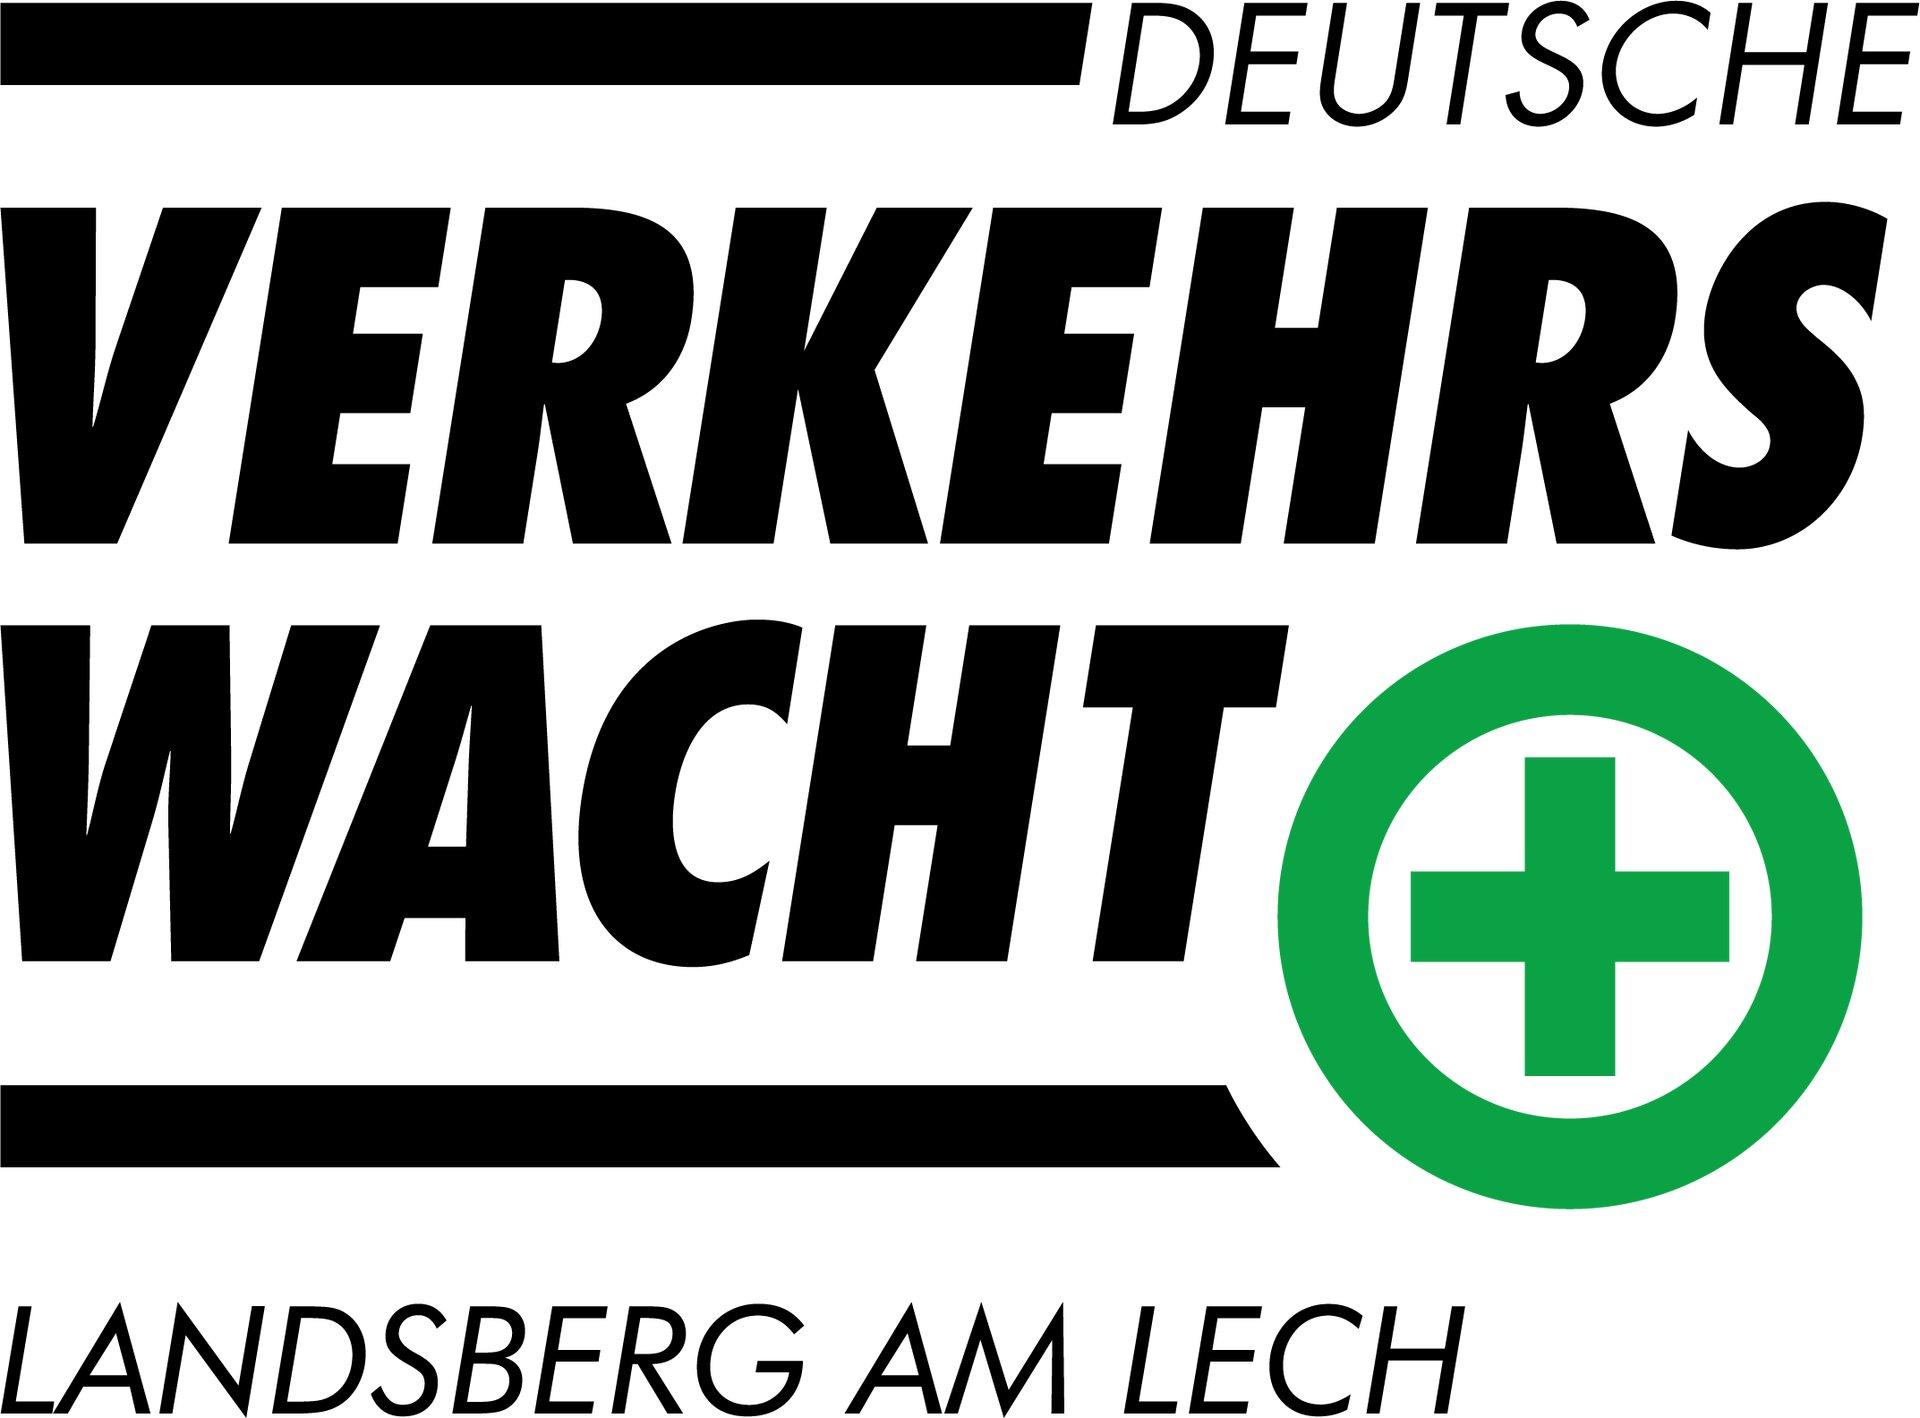 Kreisverkehrswacht Landsberg am Lech Logo